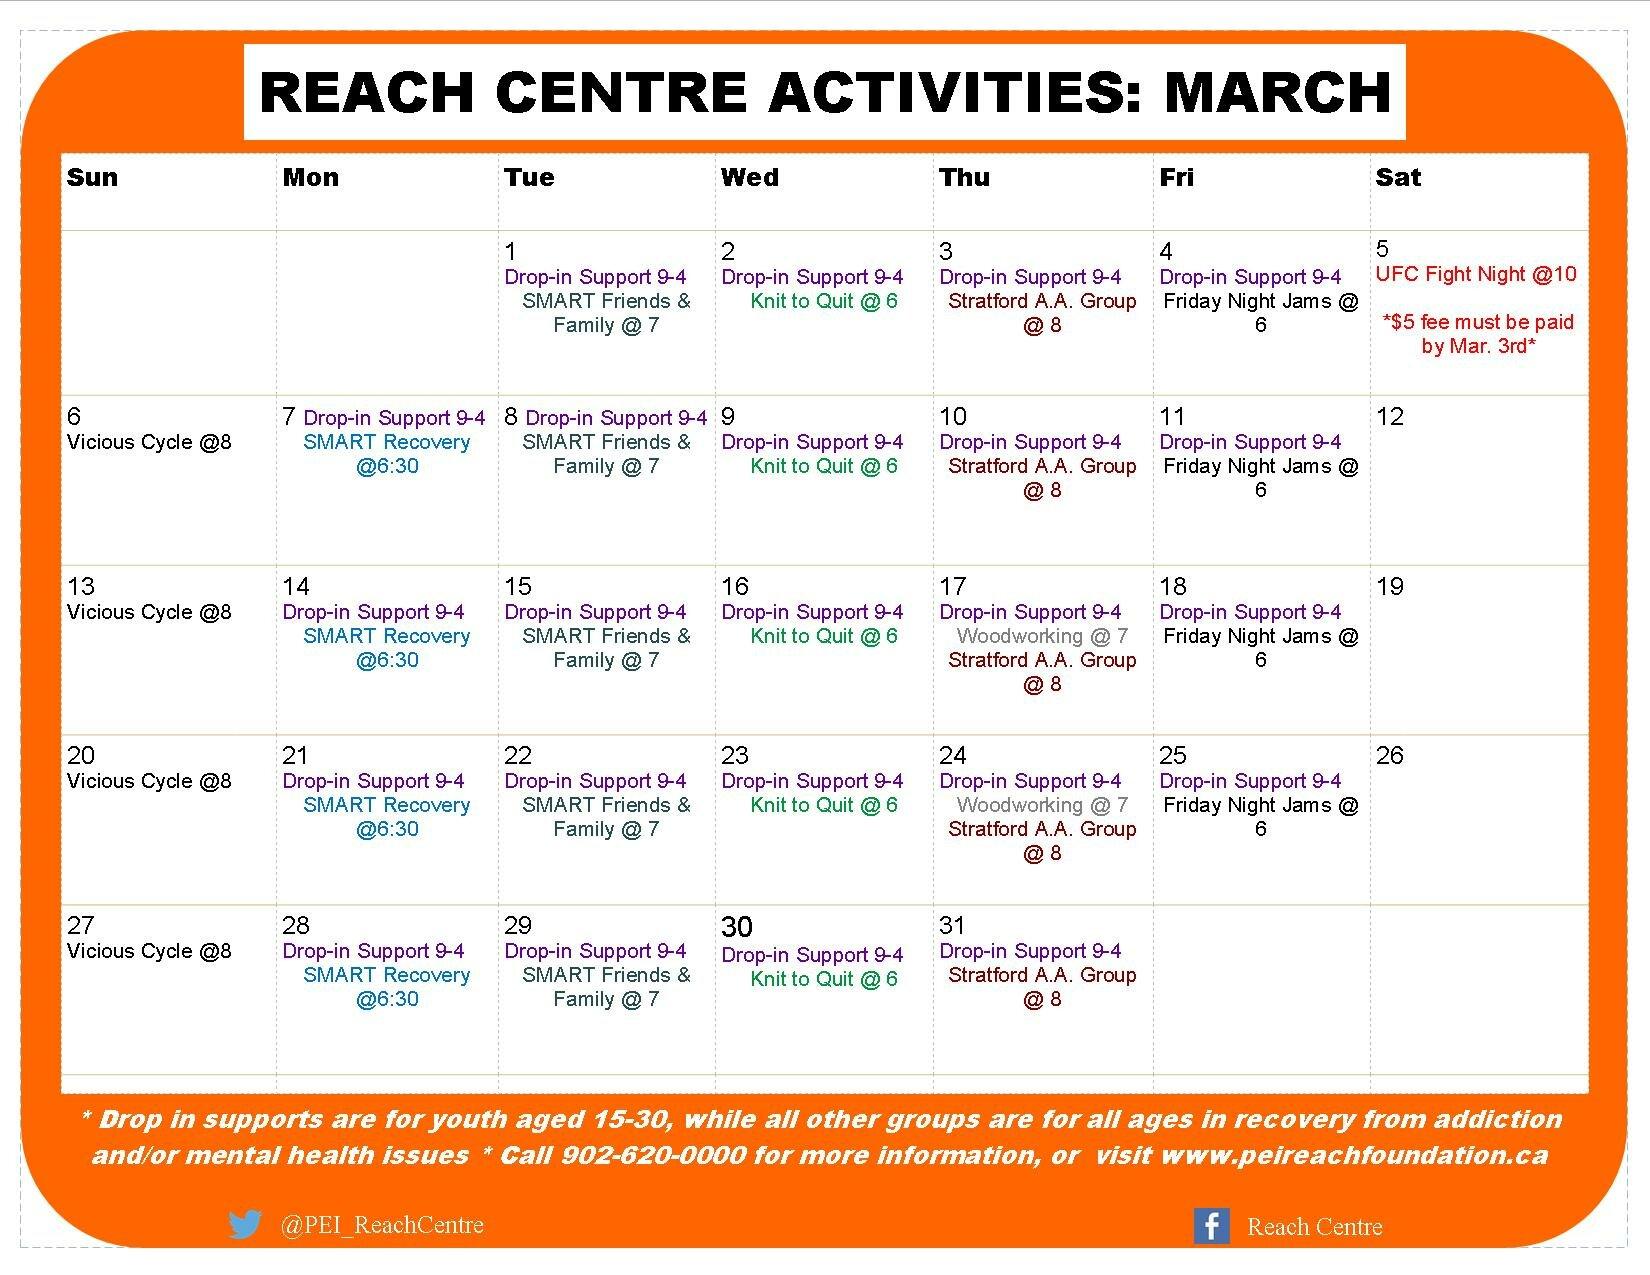 Reach Centre Calendar of Activities